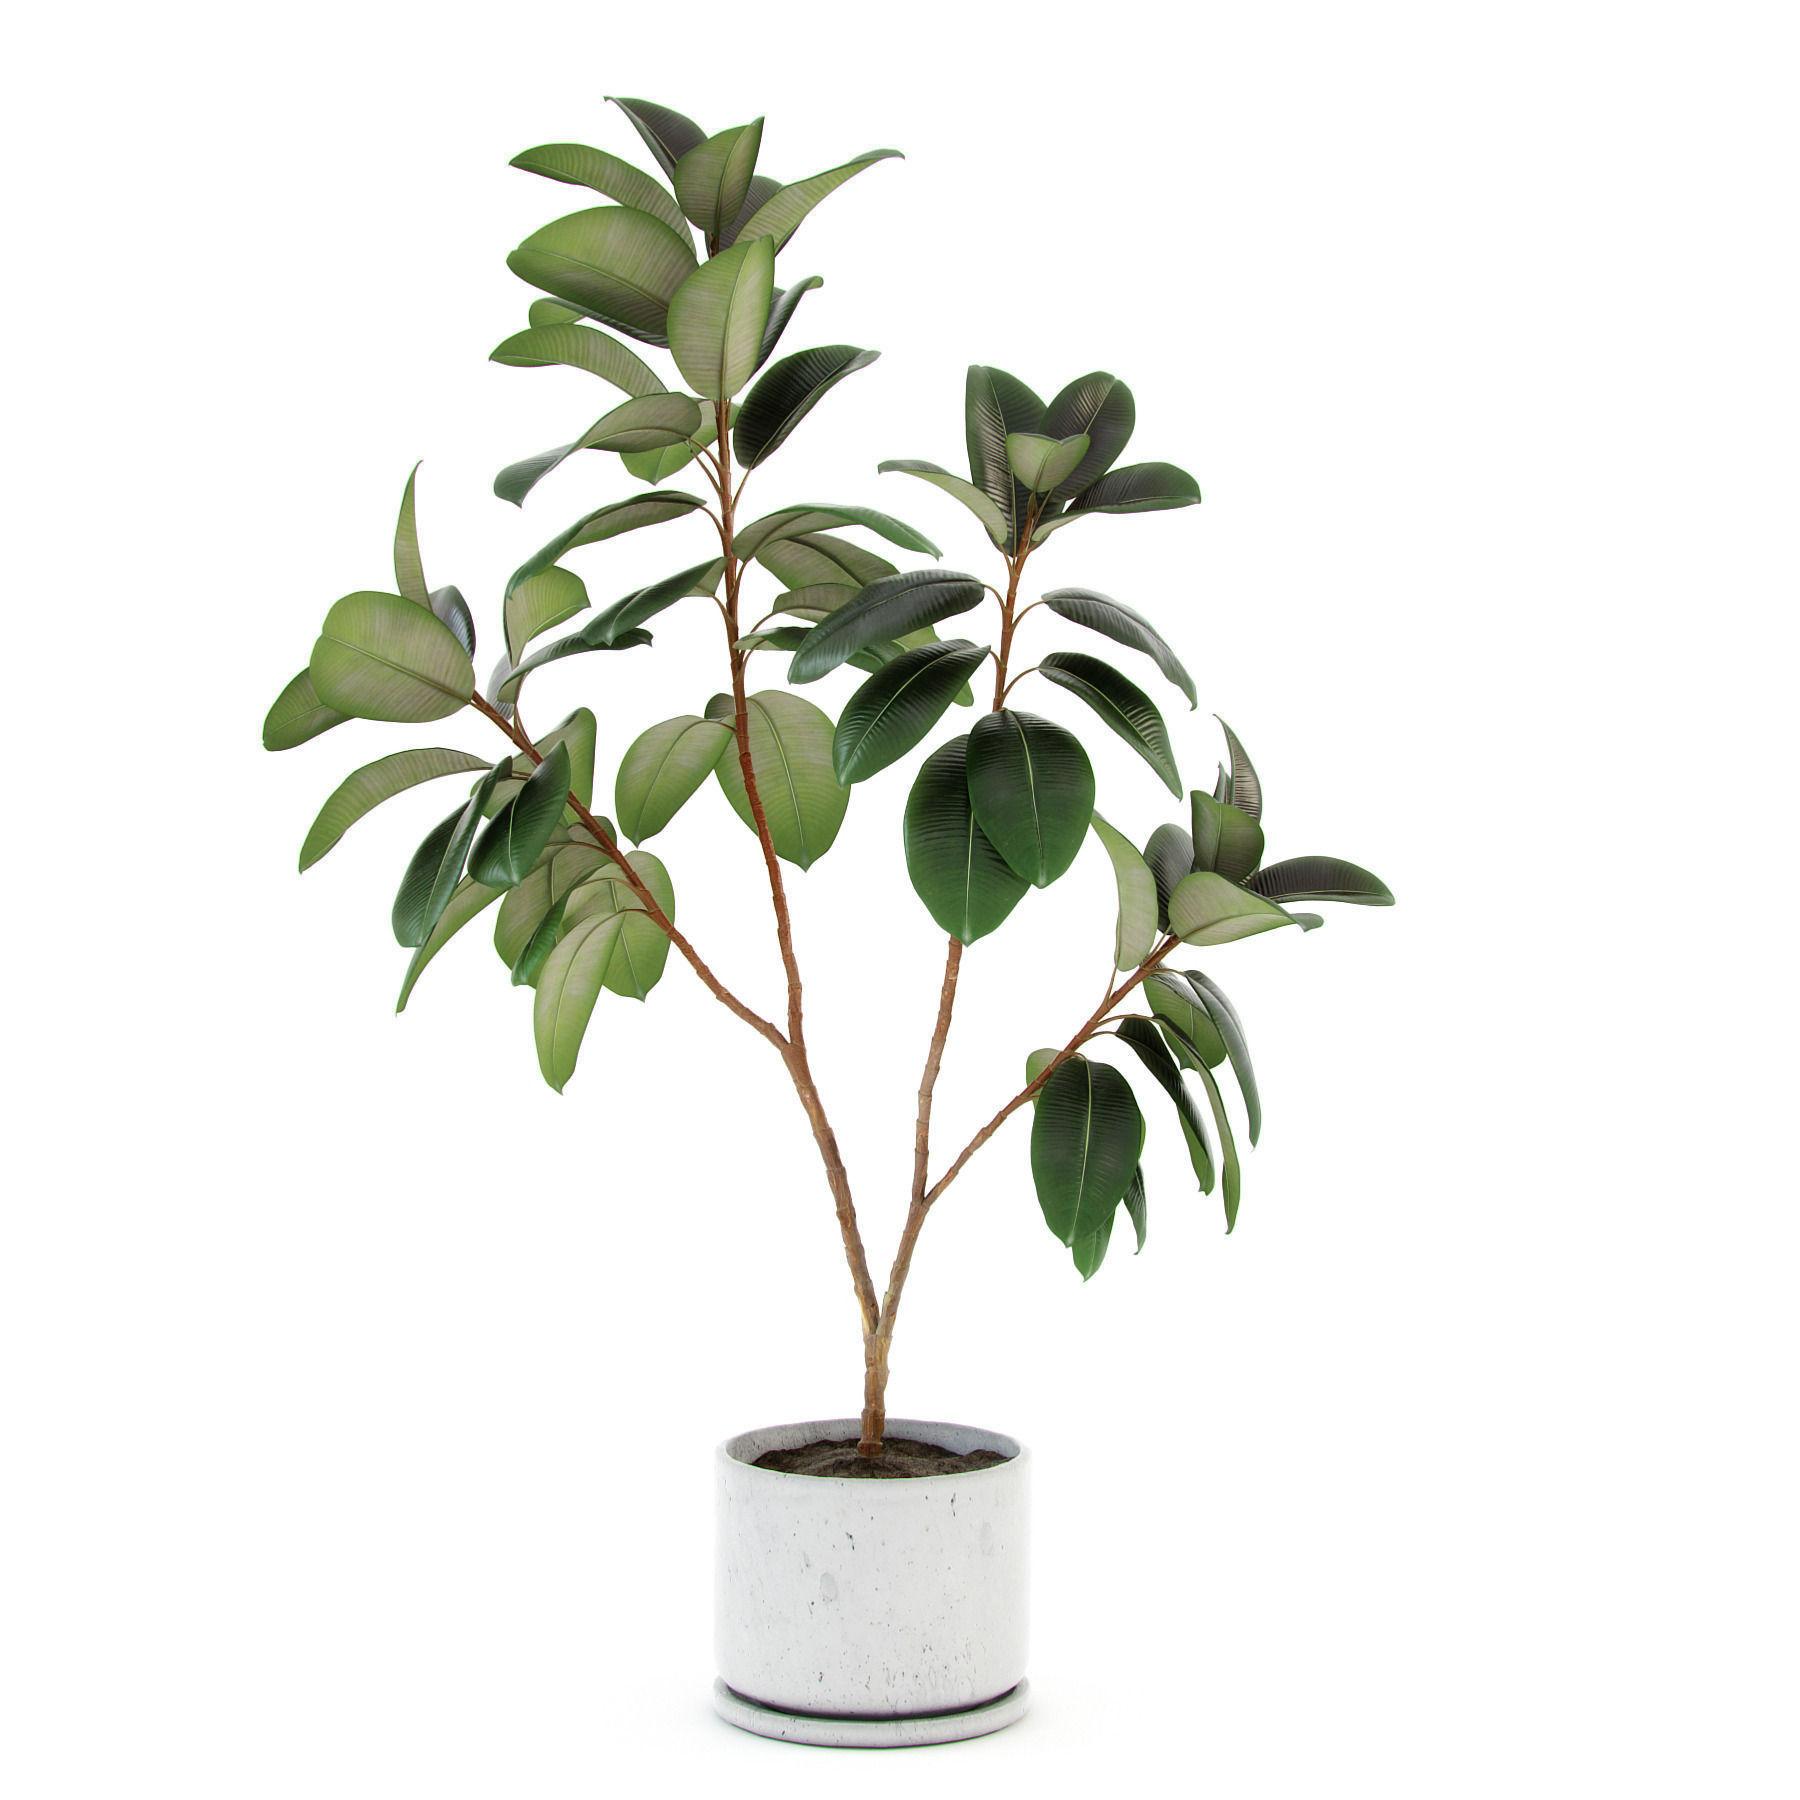 Ficus Elastica Decora Large 3d Model Max Obj 3ds Fbx Mtl